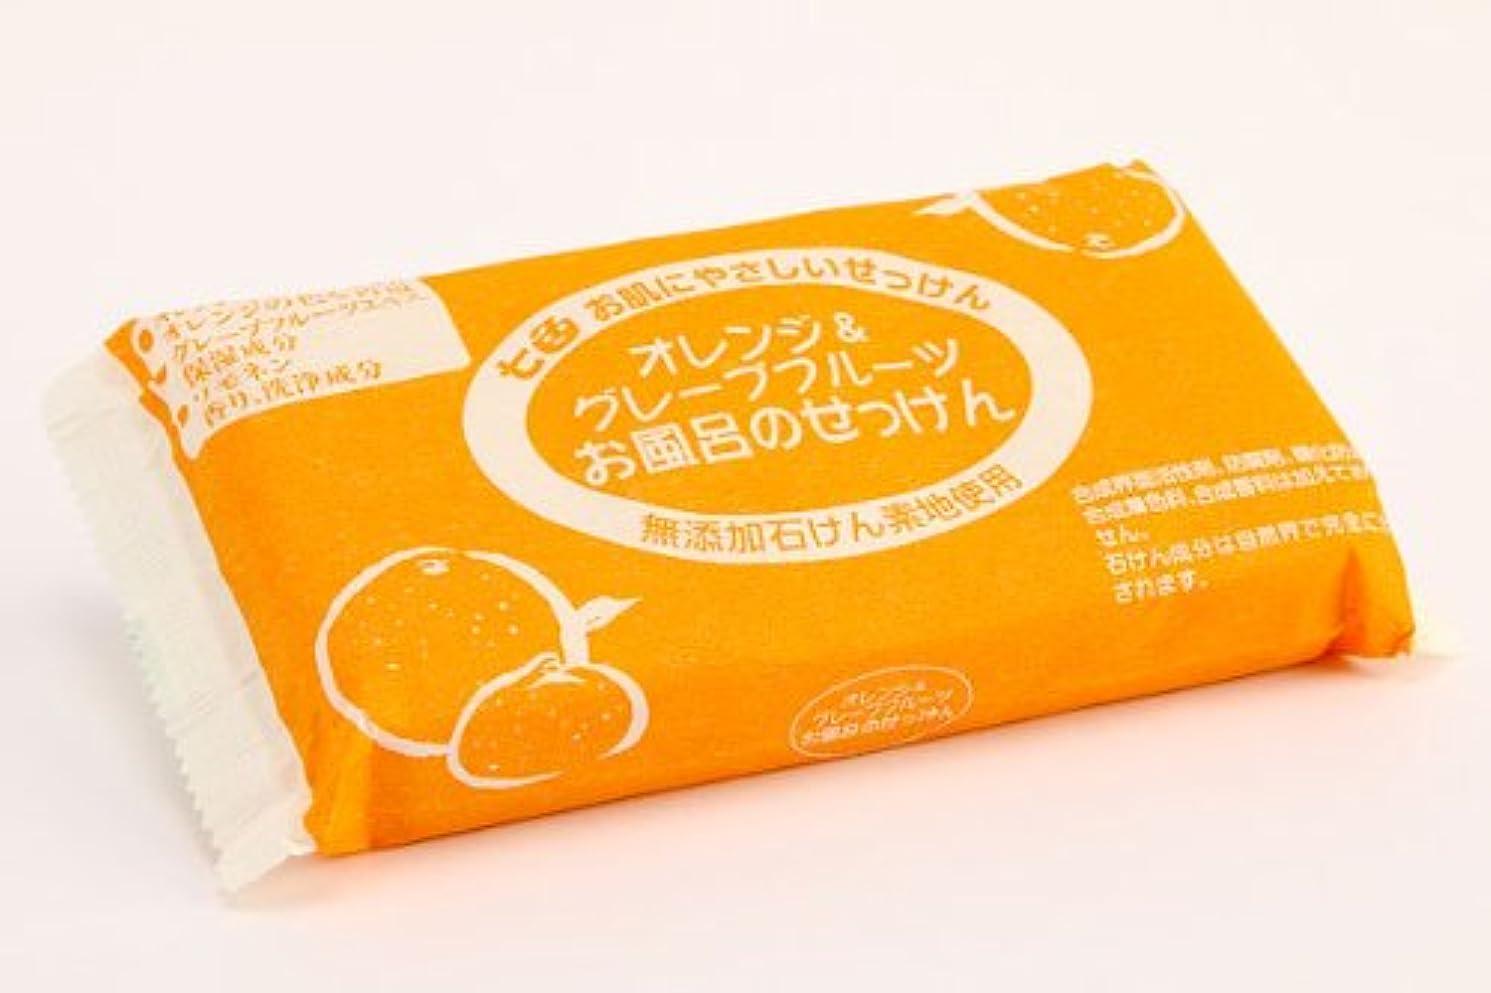 アルコール再集計変換まるは油脂化学 七色石けん オレンジ&グレープフルーツお風呂の石けん3P 100g×3個パック×40